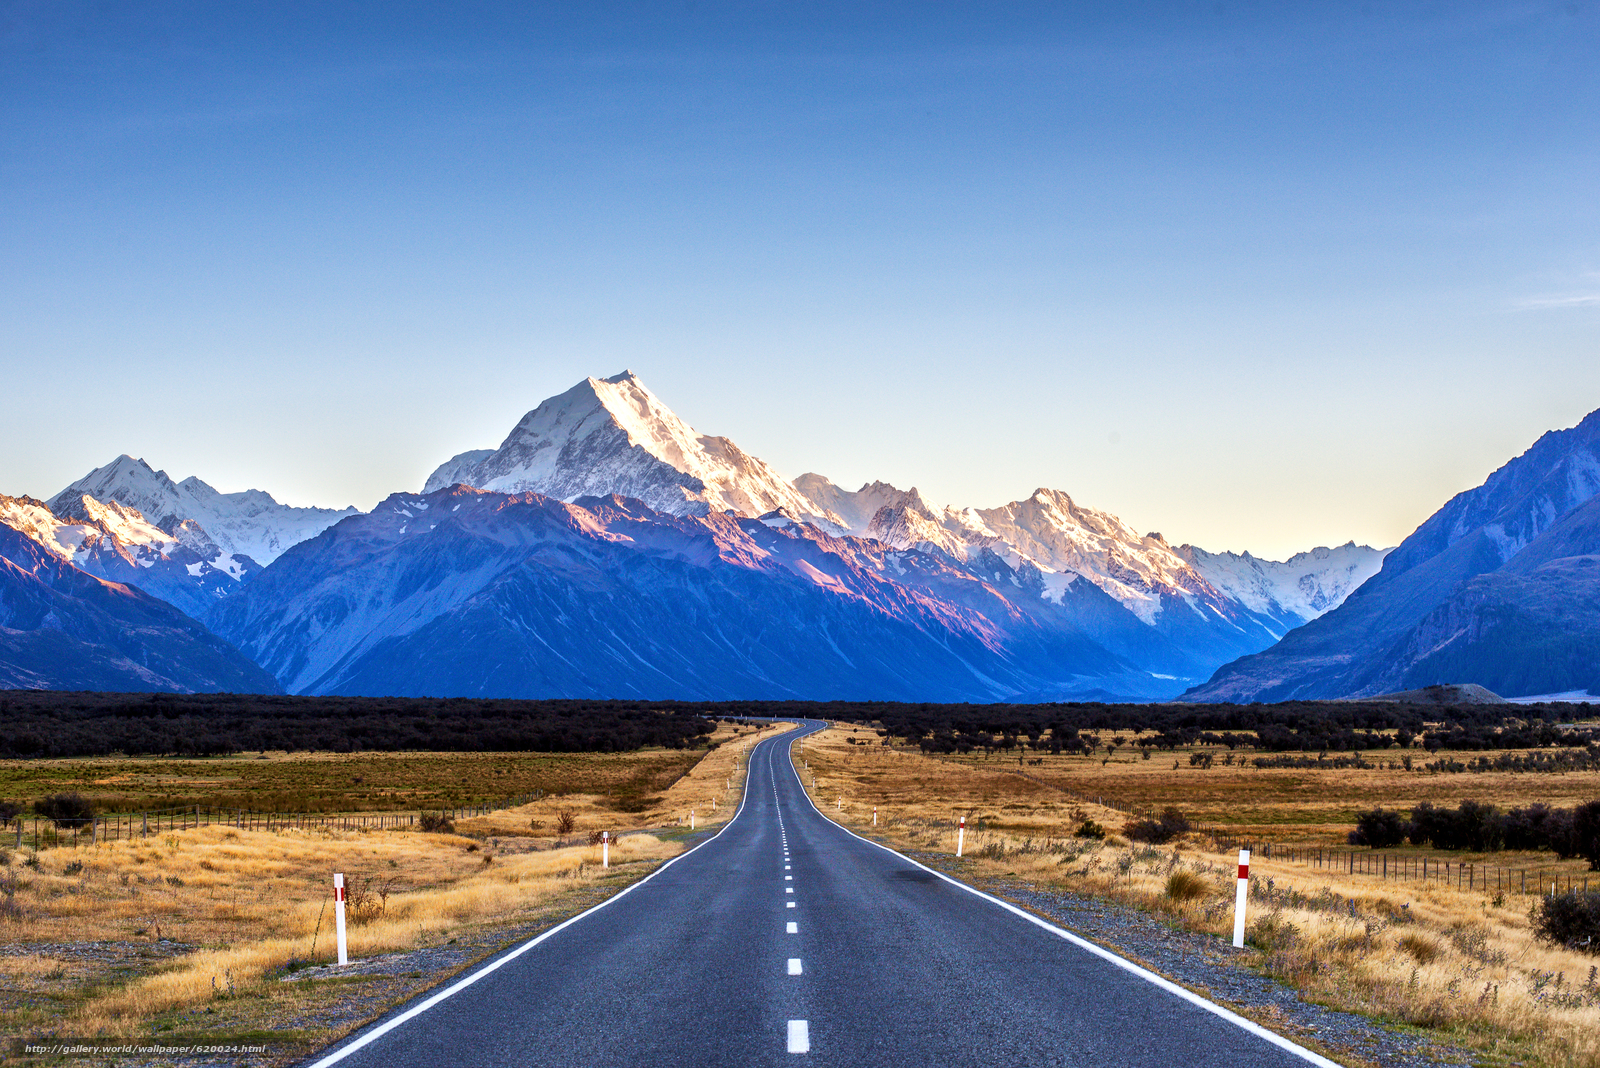 Скачать обои дорога,  горы,  поле,  пейзаж бесплатно для рабочего стола в разрешении 4000x2670 — картинка №620024